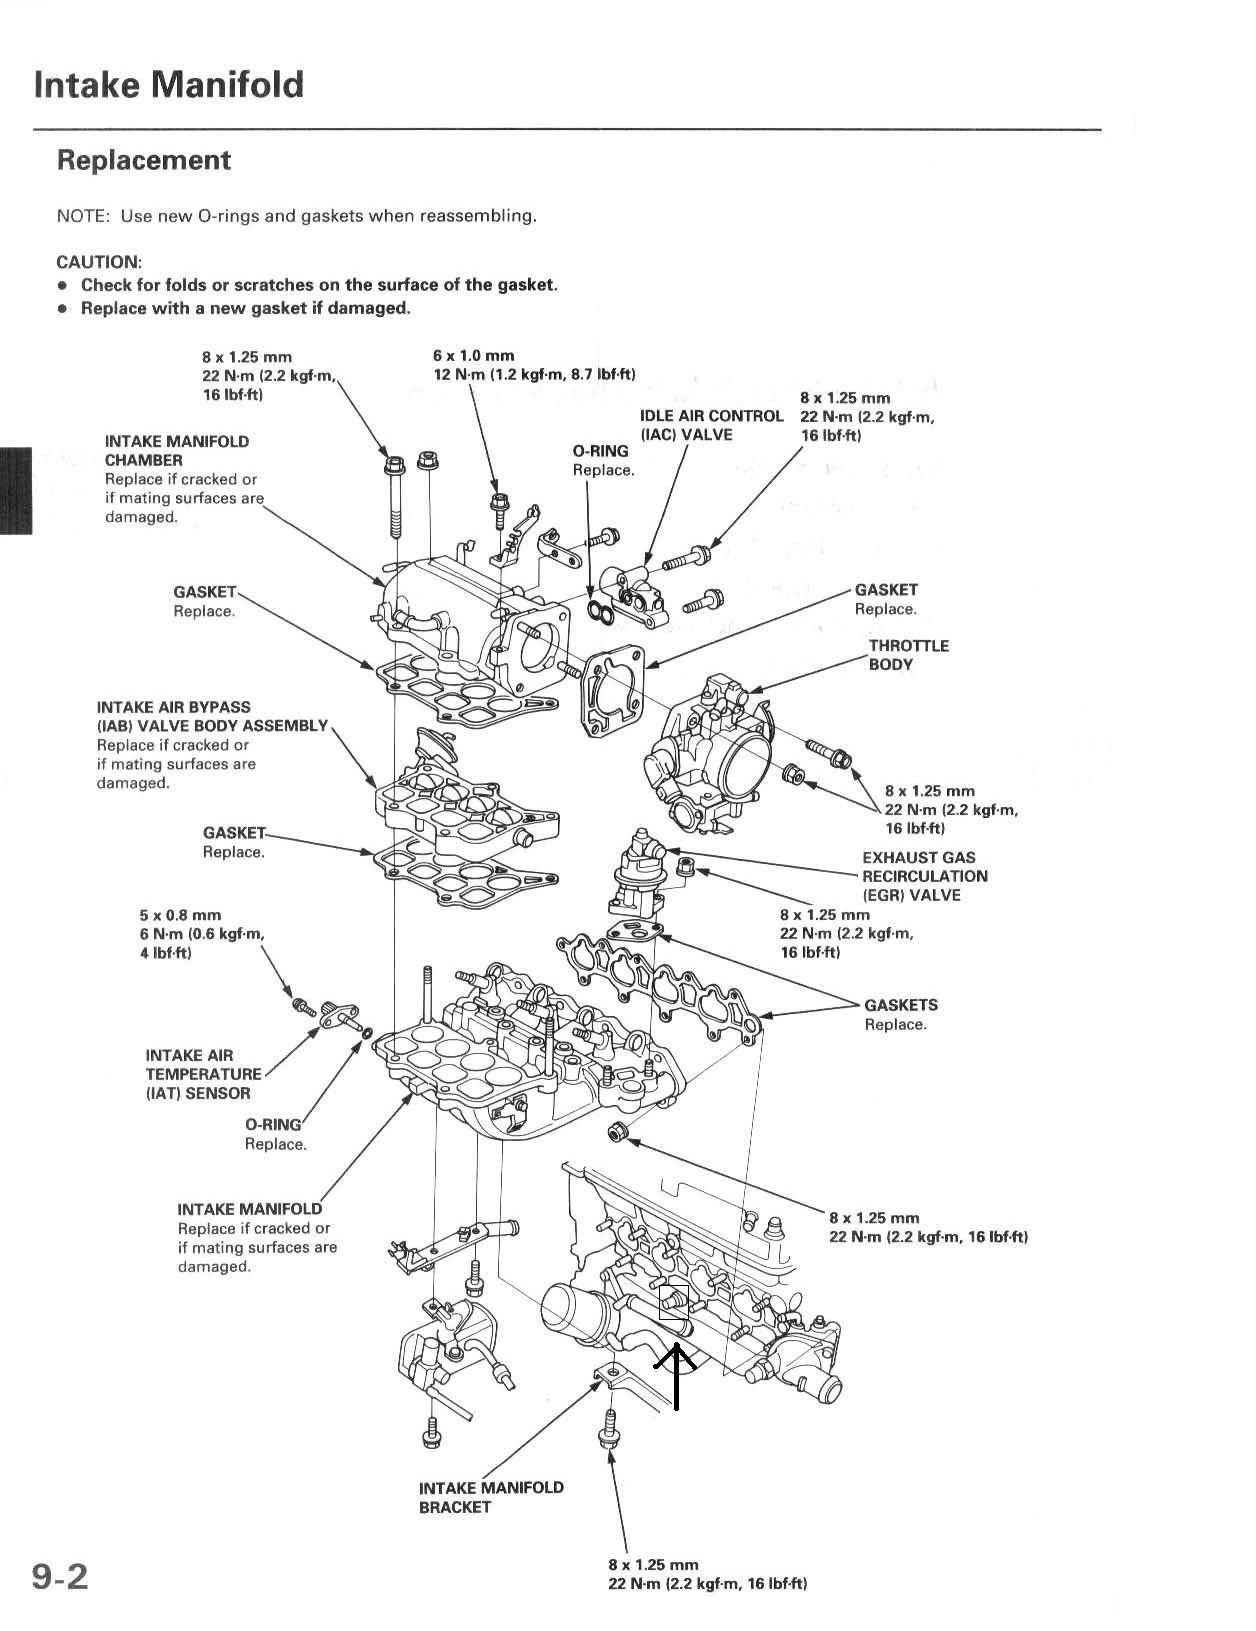 knock sensor replacement - honda prelude forum